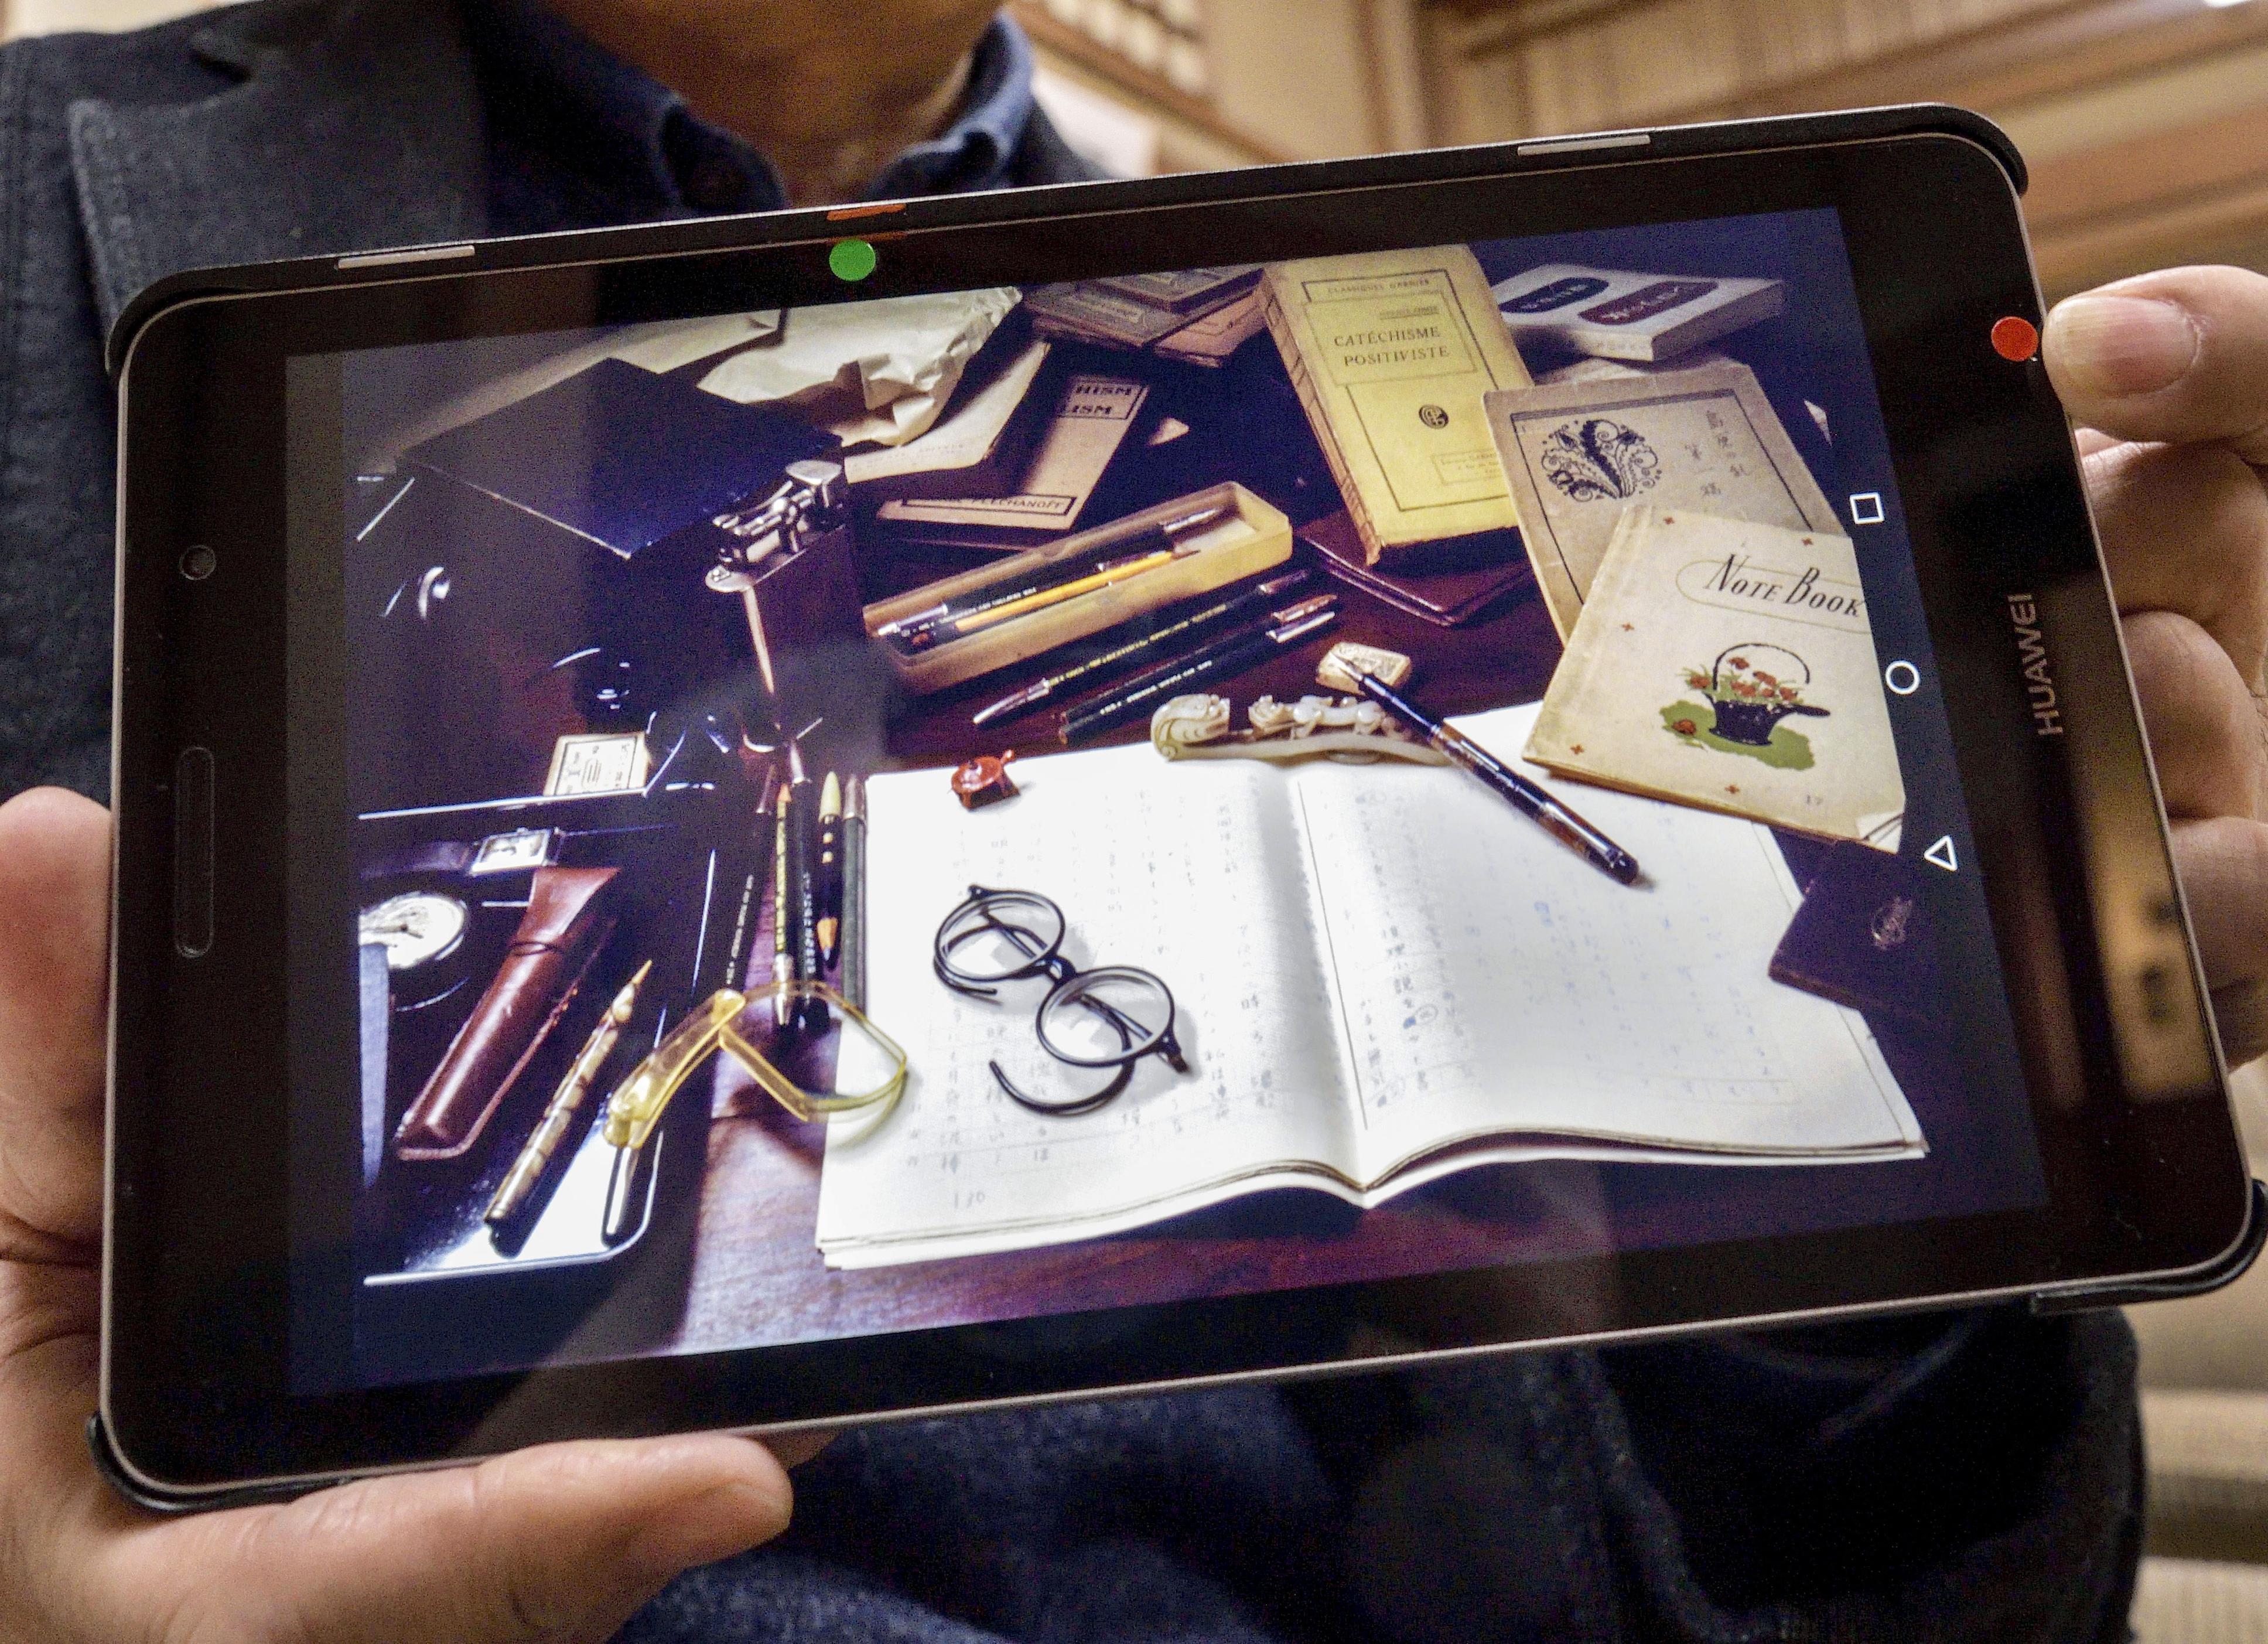 坂口安吾の遺品は綱男自身によって撮影されデジタルデータとして保存されている